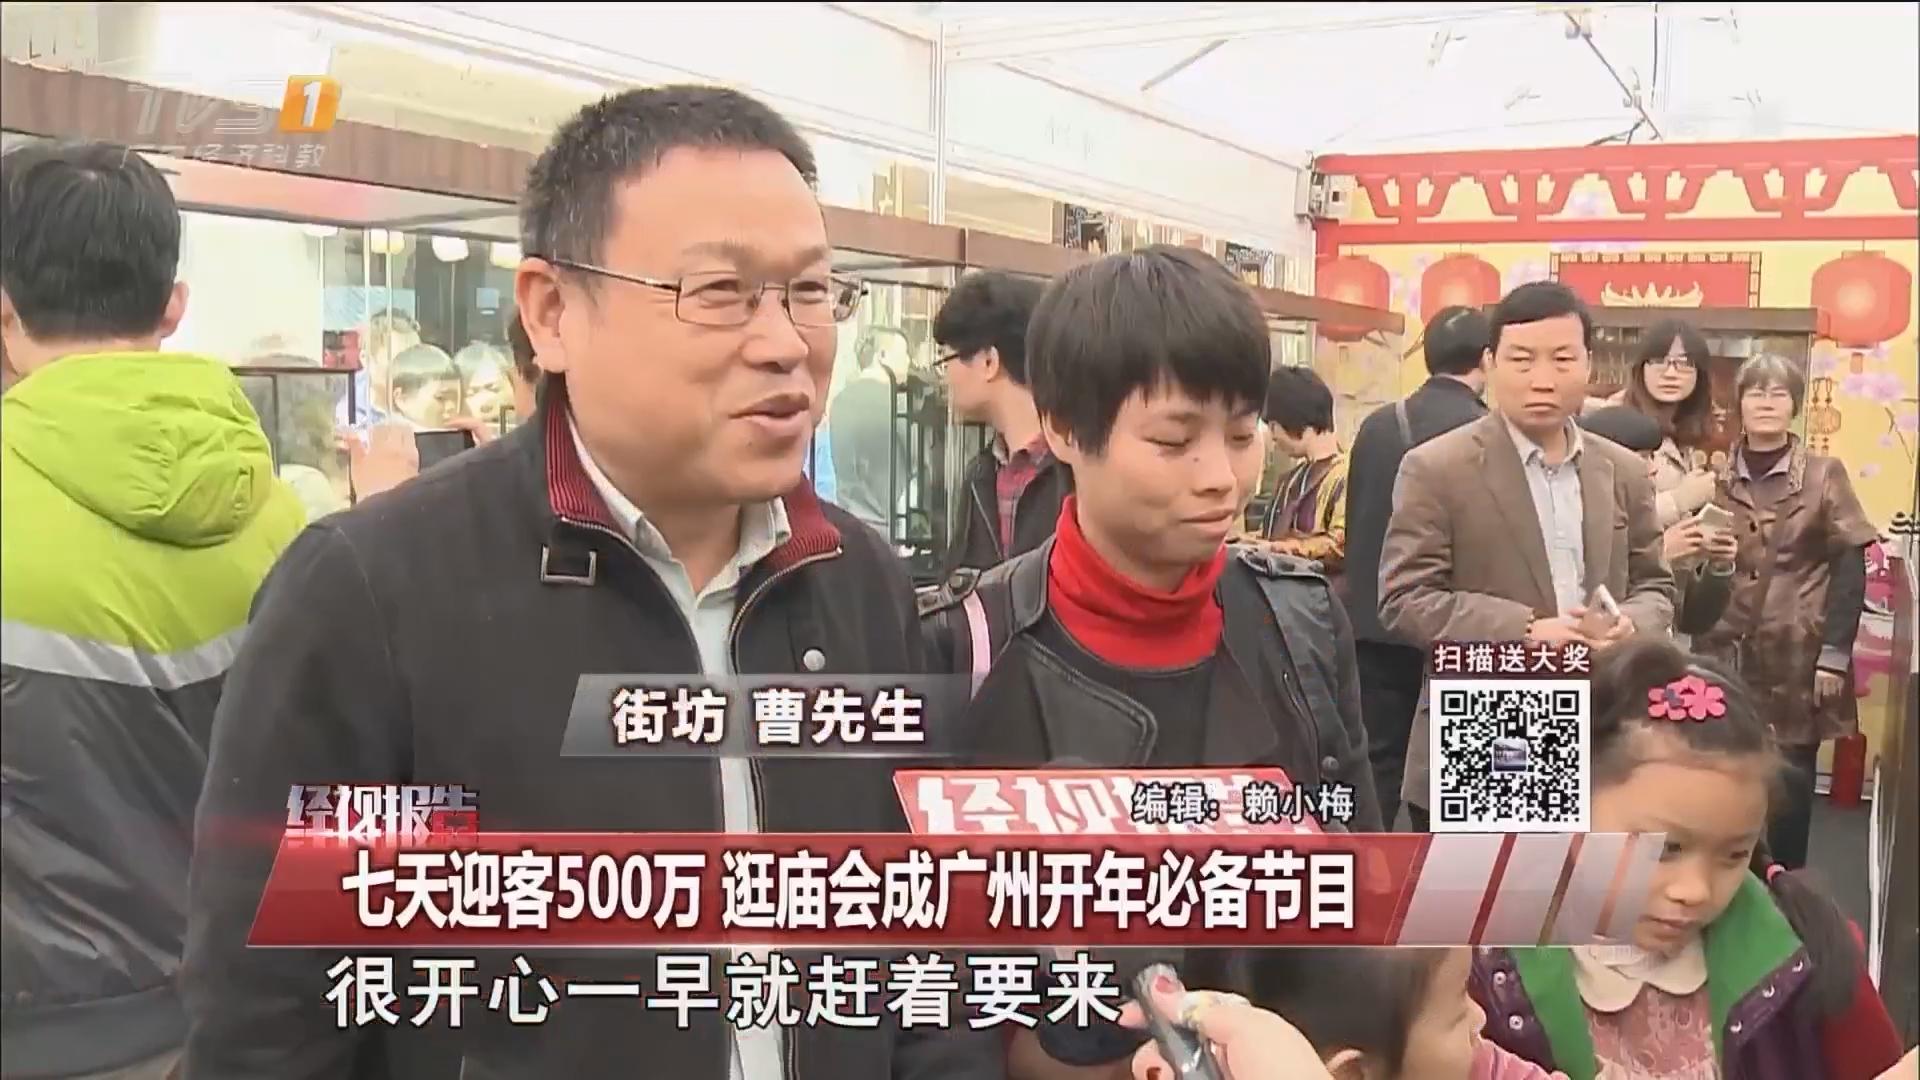 七天迎客500万 逛庙会成广州开年必备节目